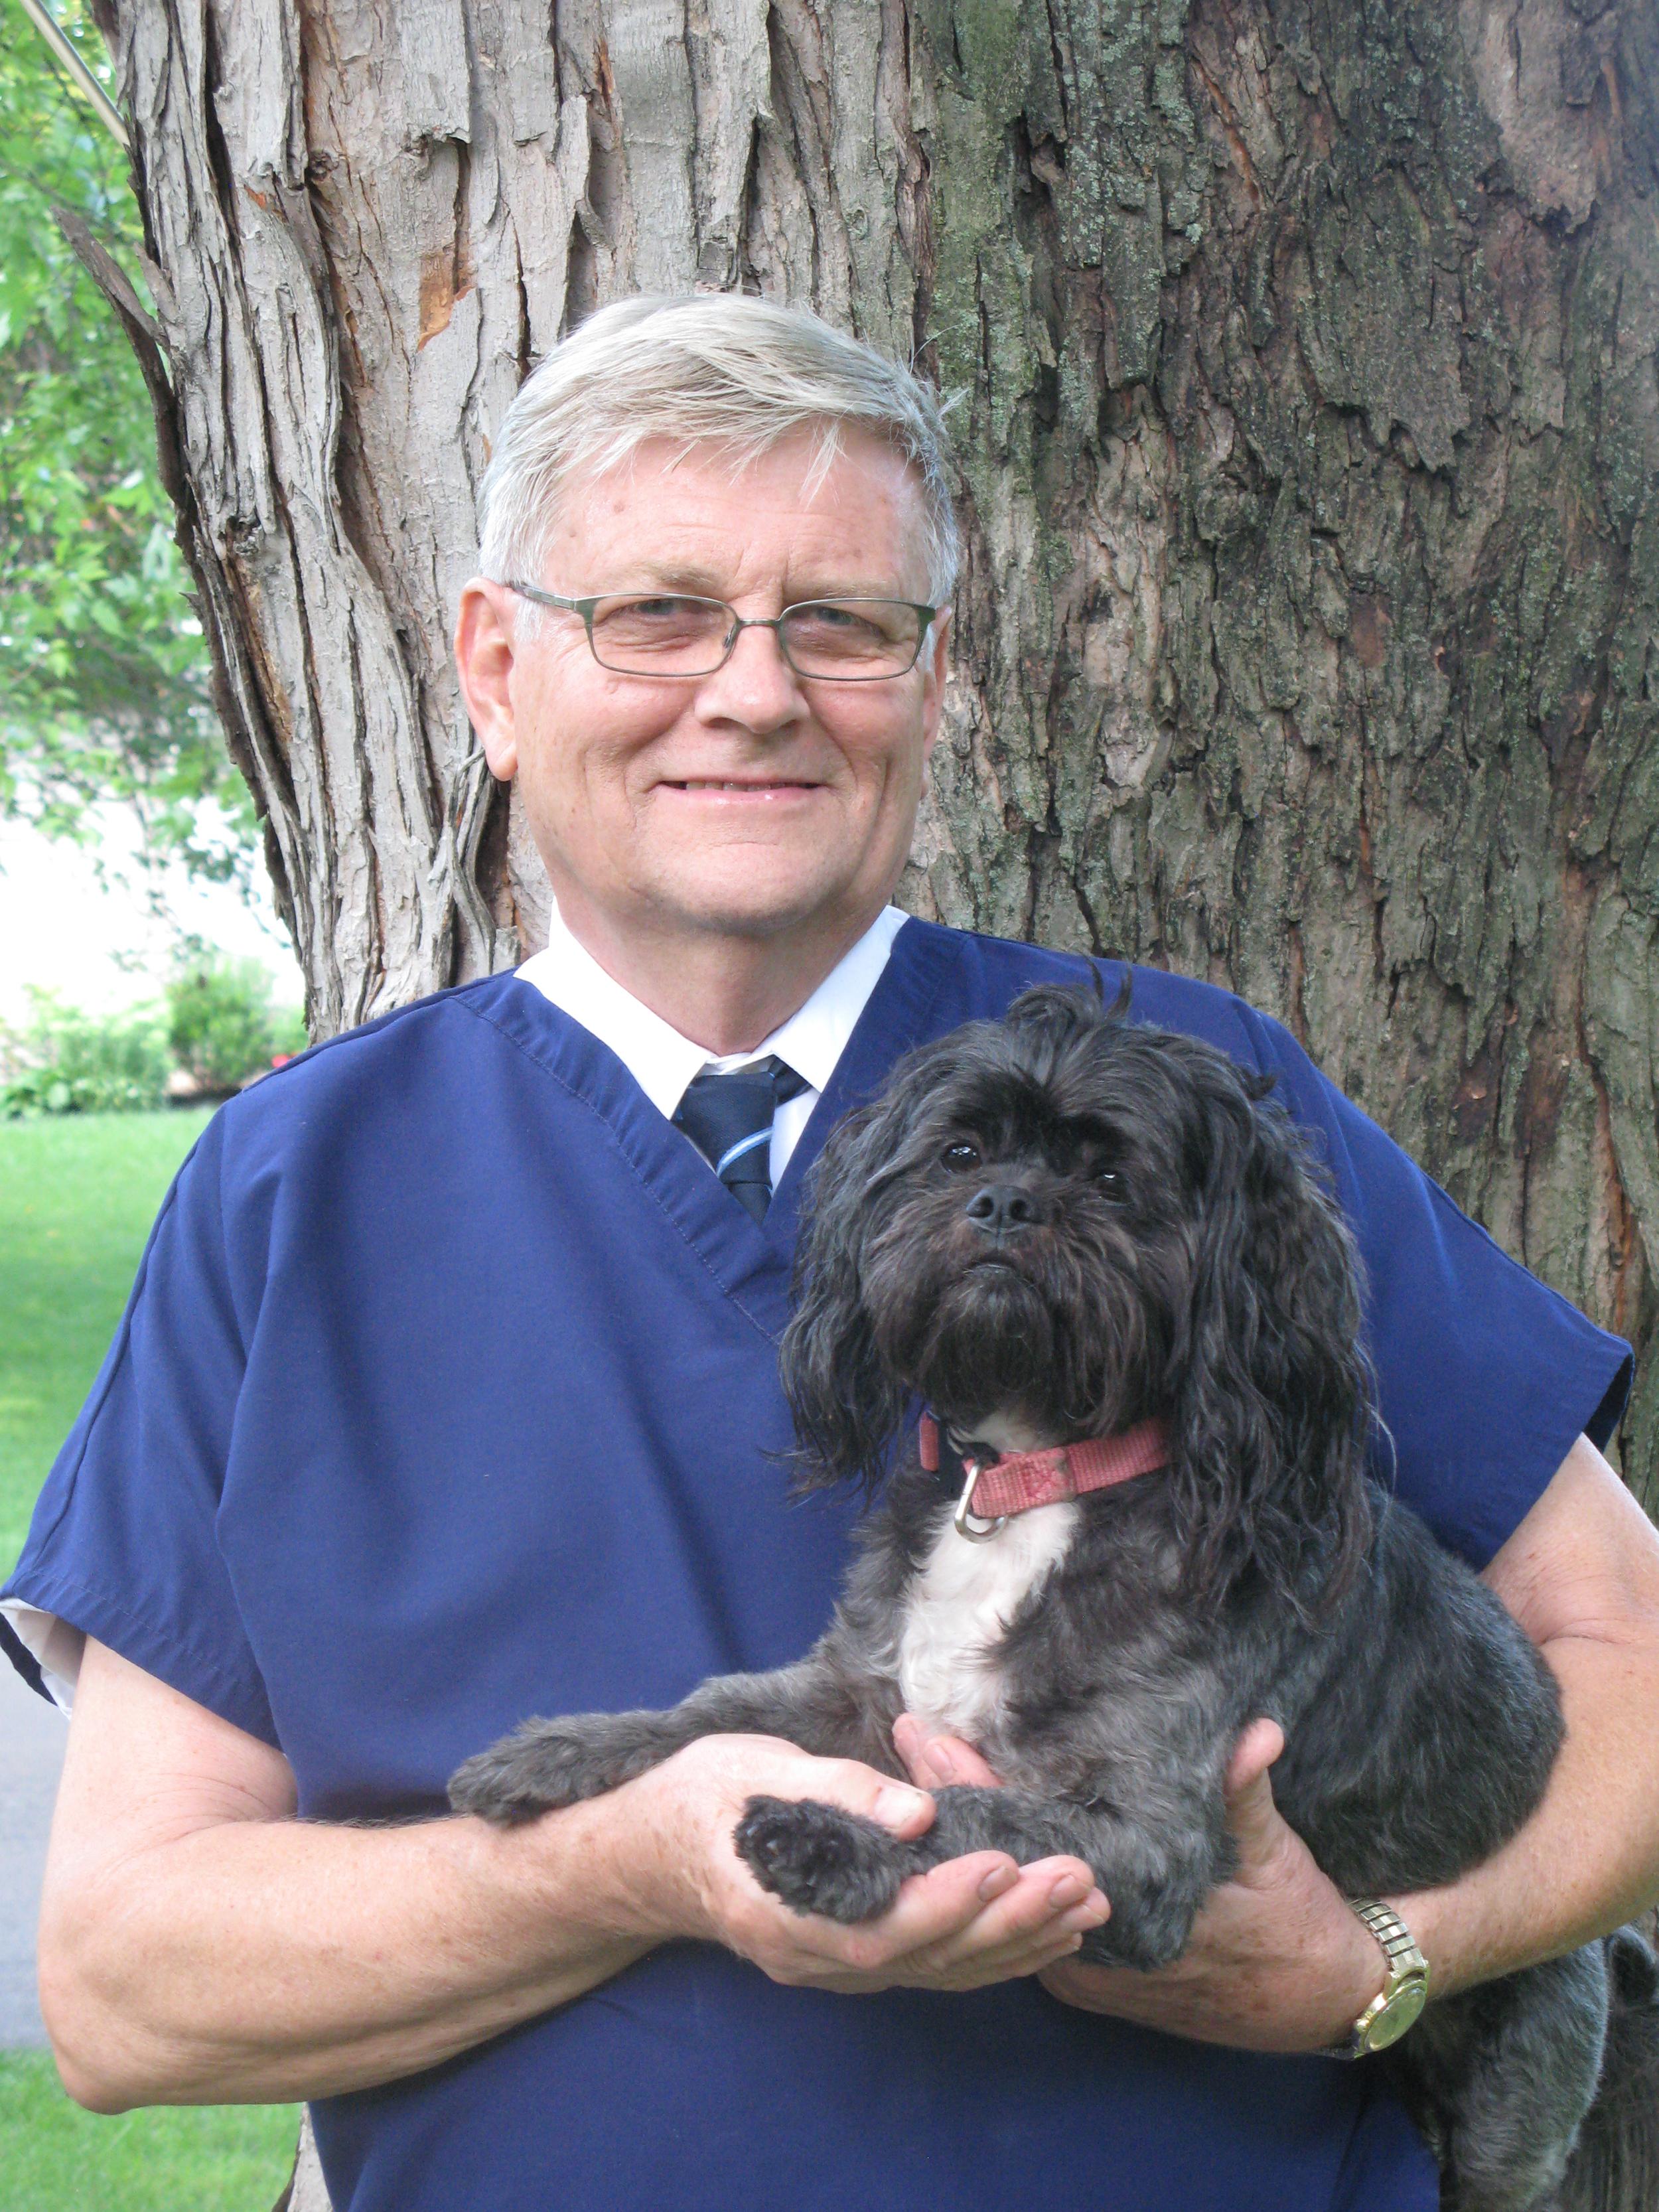 Dr. David Hopps, BVSC, PhD and his dog, Galen